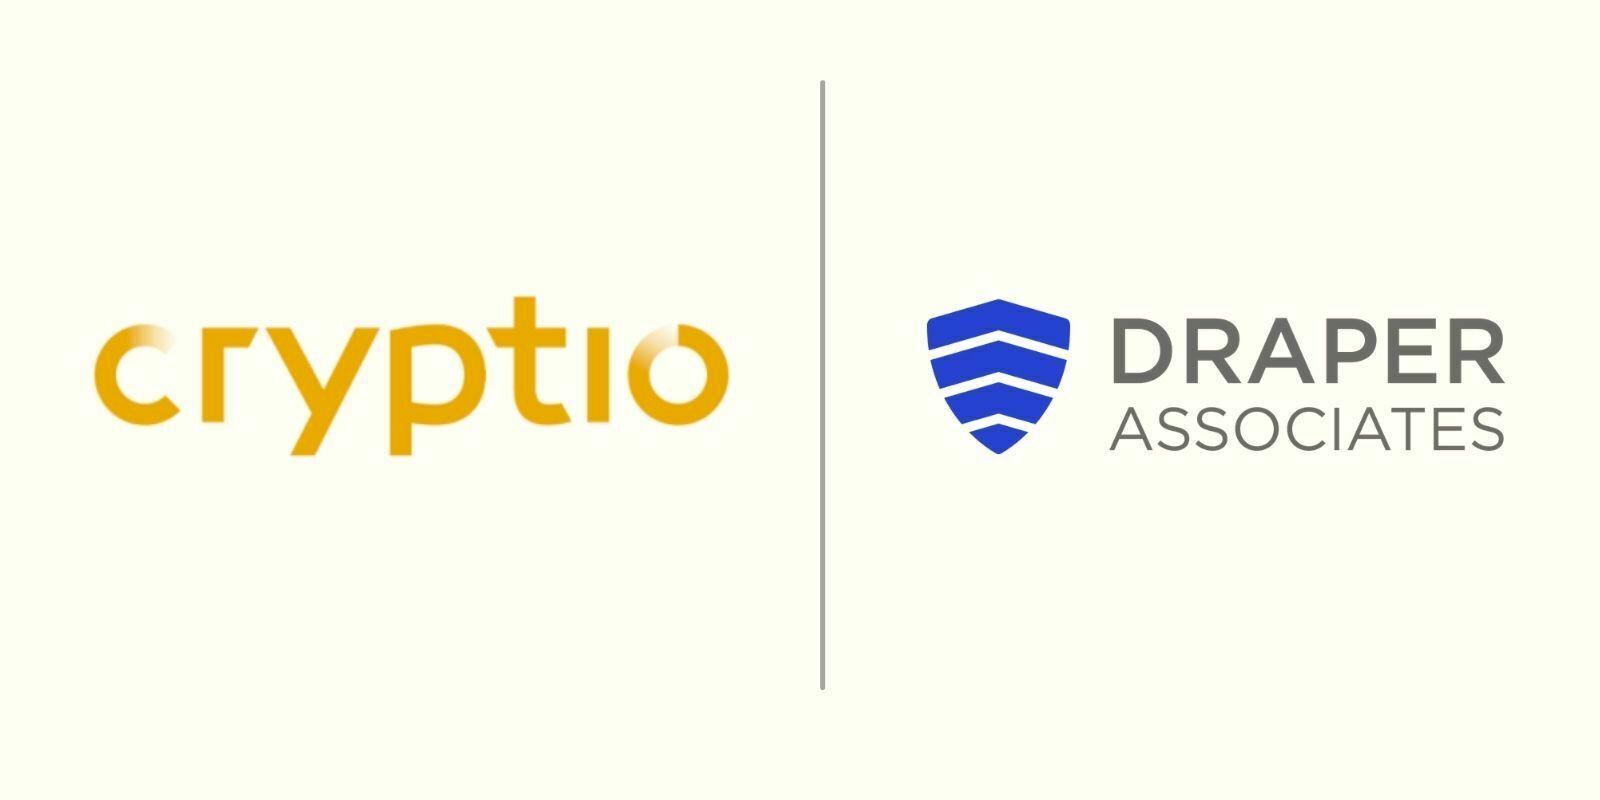 La startup française Cryptio lève 1 million d'euros auprès de Draper Associates et d'autres